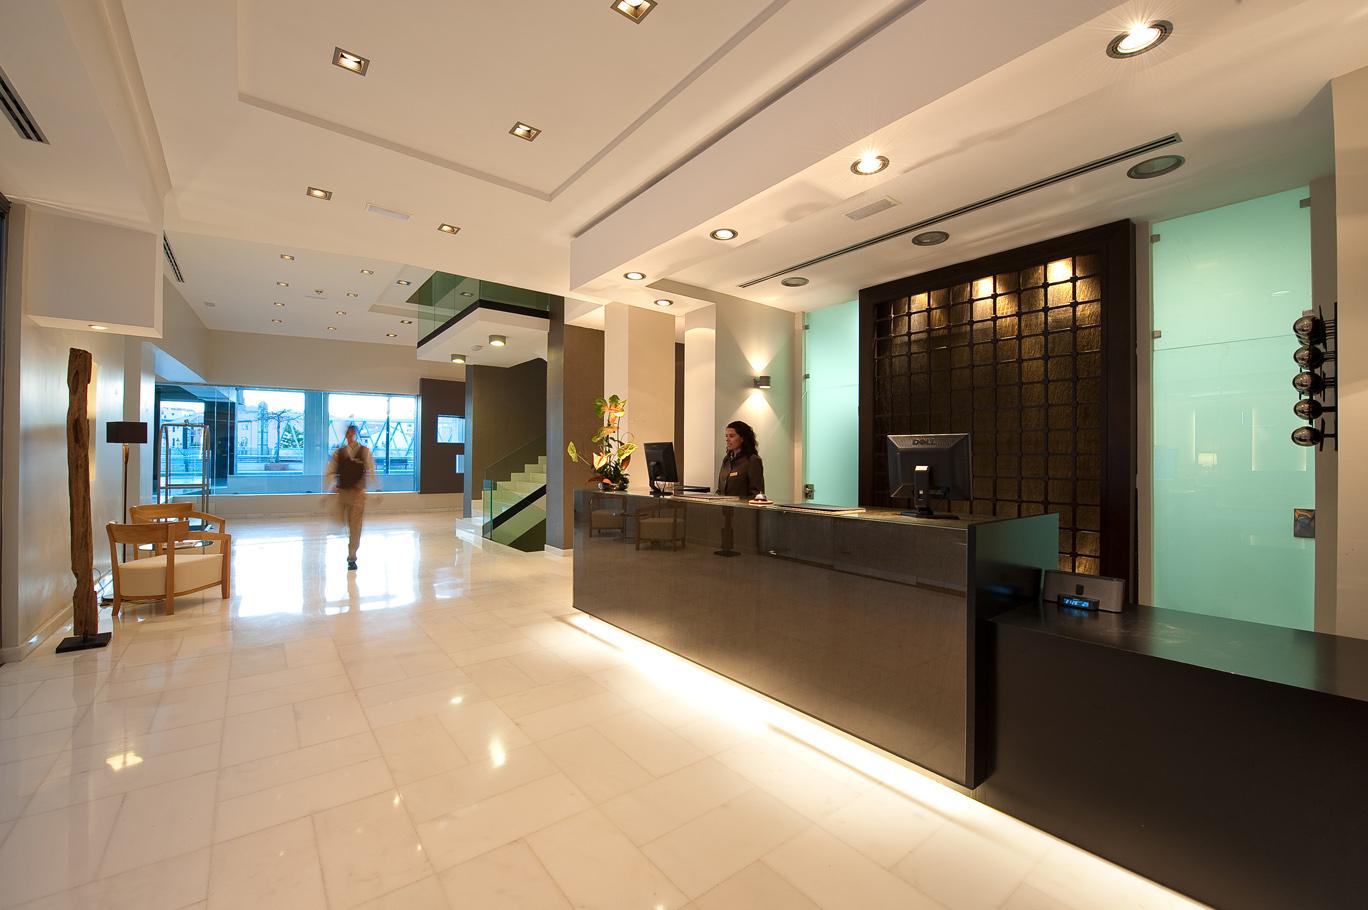 Curso de recepcionista hotel en bilbao formacion for Hotel diseno malaga